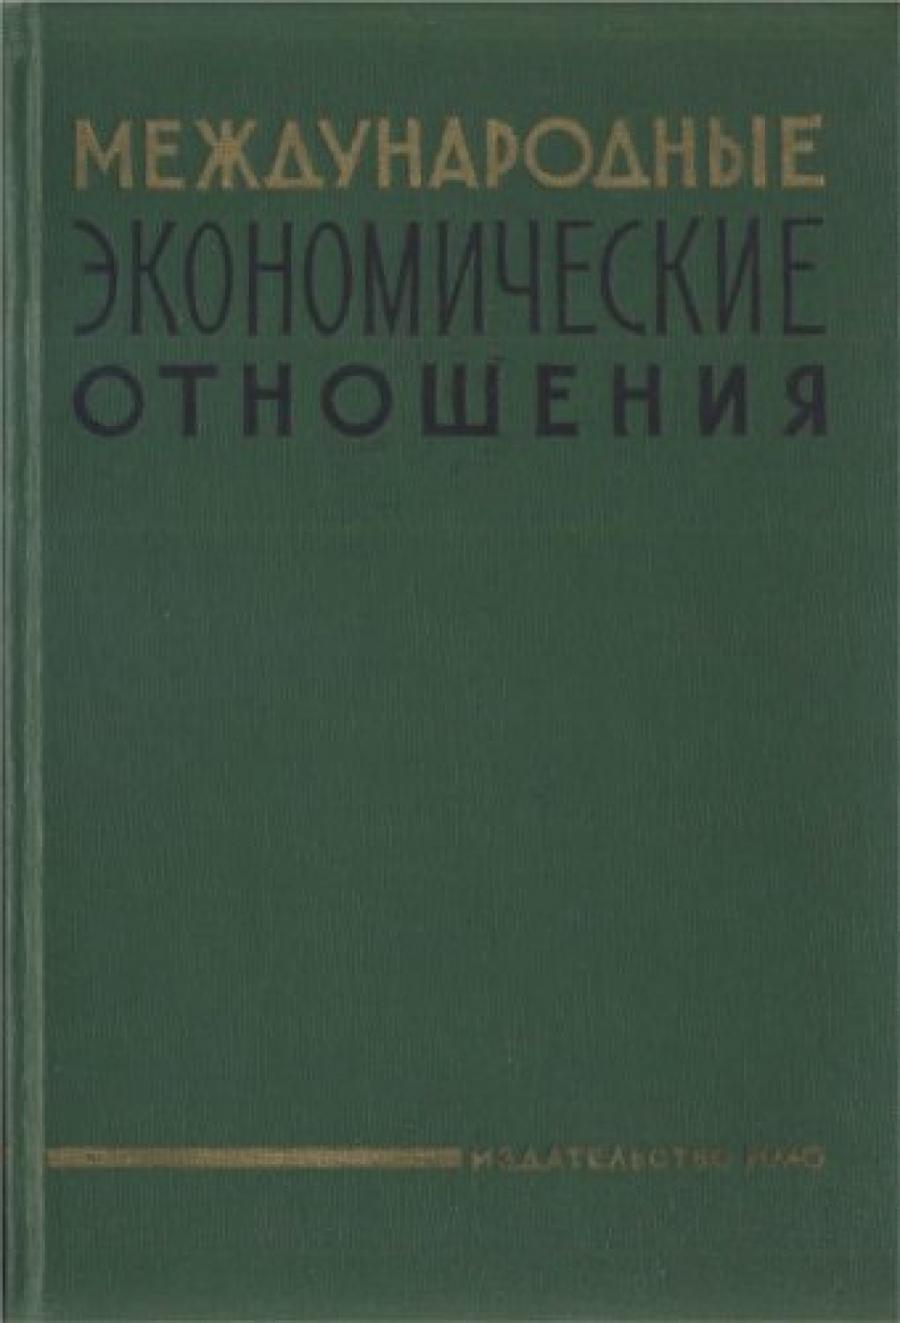 Обложка книги:  любимов н.н. - международные экономические отношения